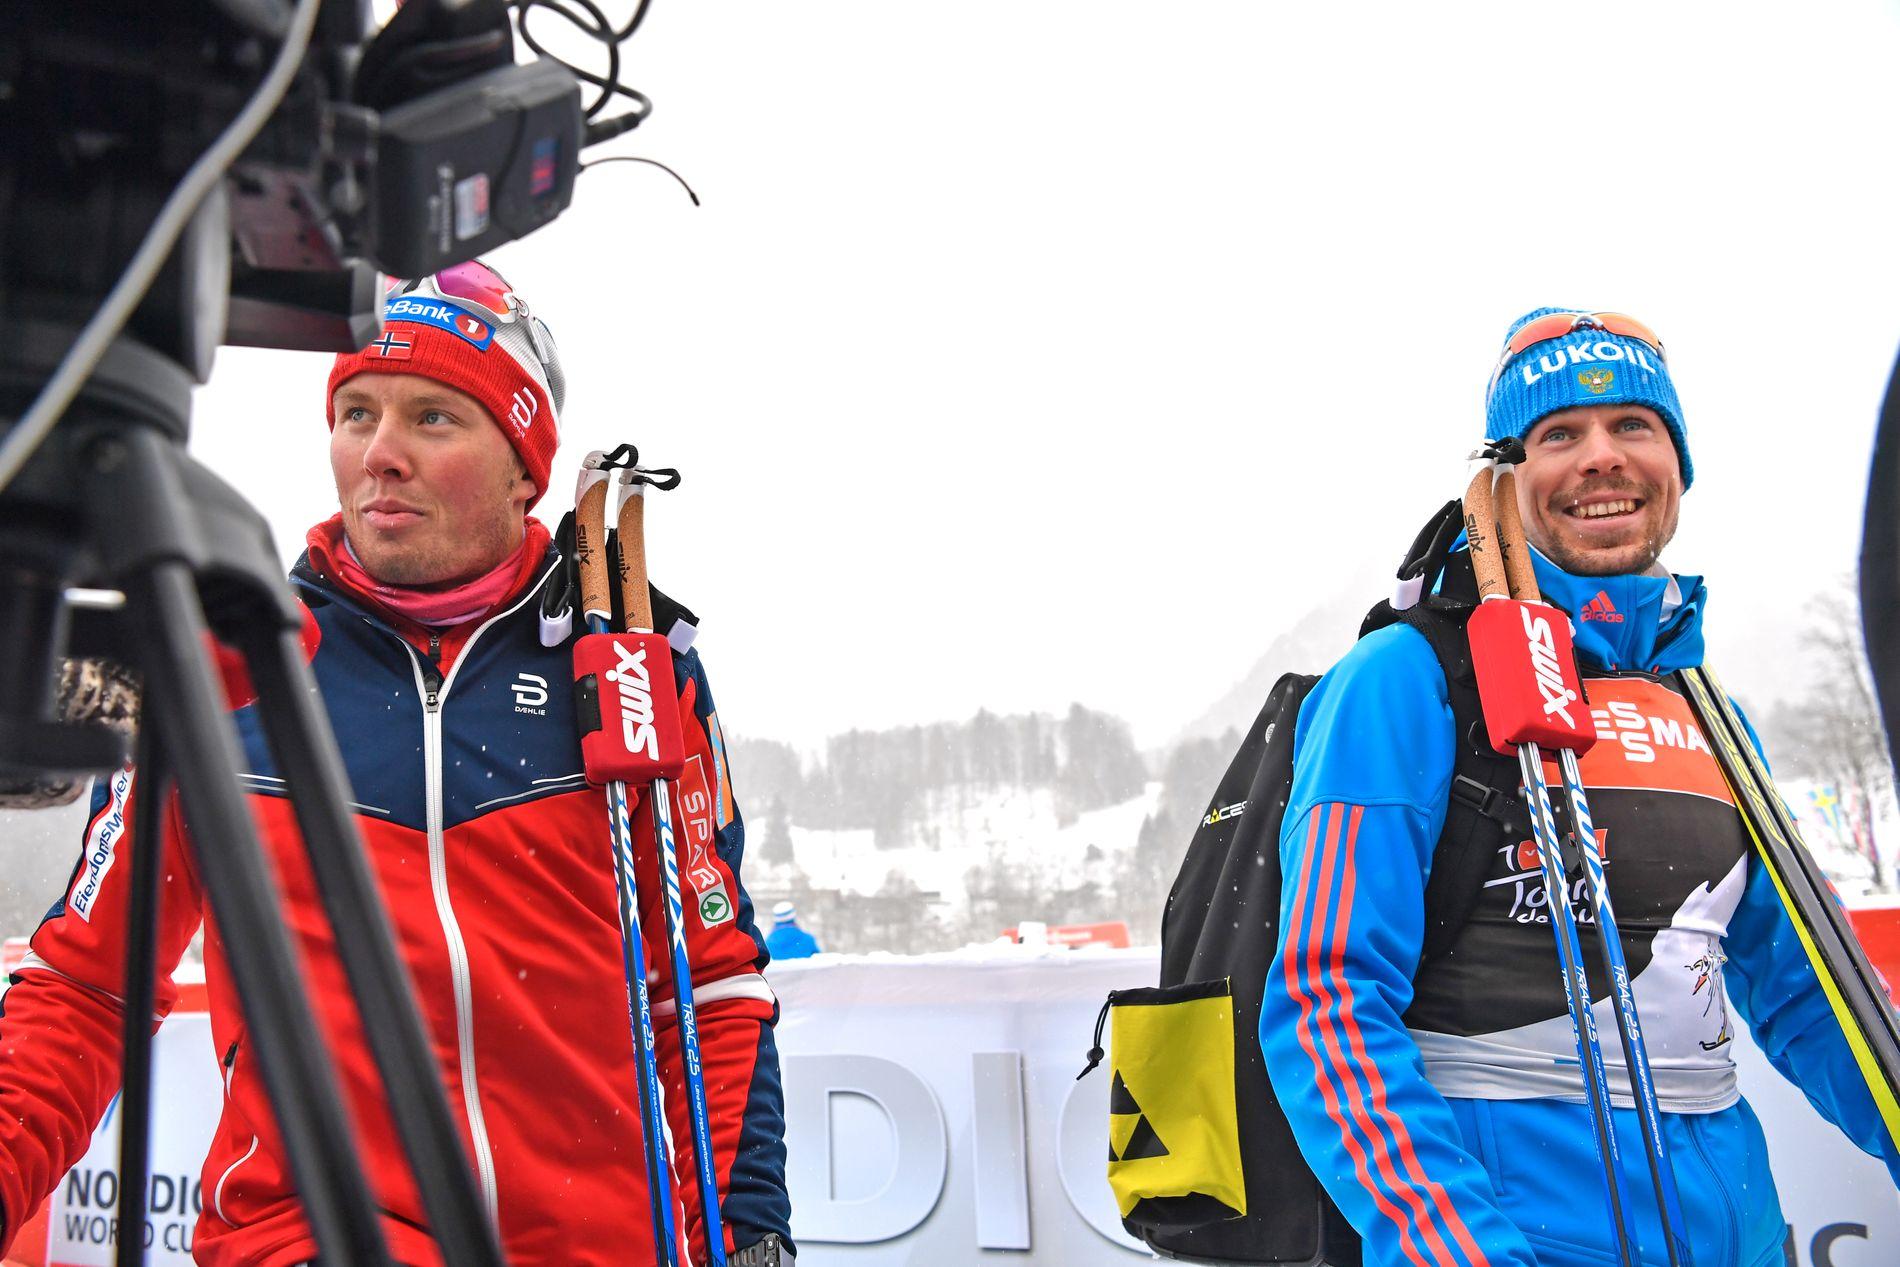 EN KONKURRENT MINDRE: Emil Iversen (t.v.) møter etter all sannsynlighet ikke Sergej Ustjugov i OL, men begge er på plass i Seefeld for å gå verdenscup denne helgen. Her er de under Tour de Ski 4. januar for et år siden.